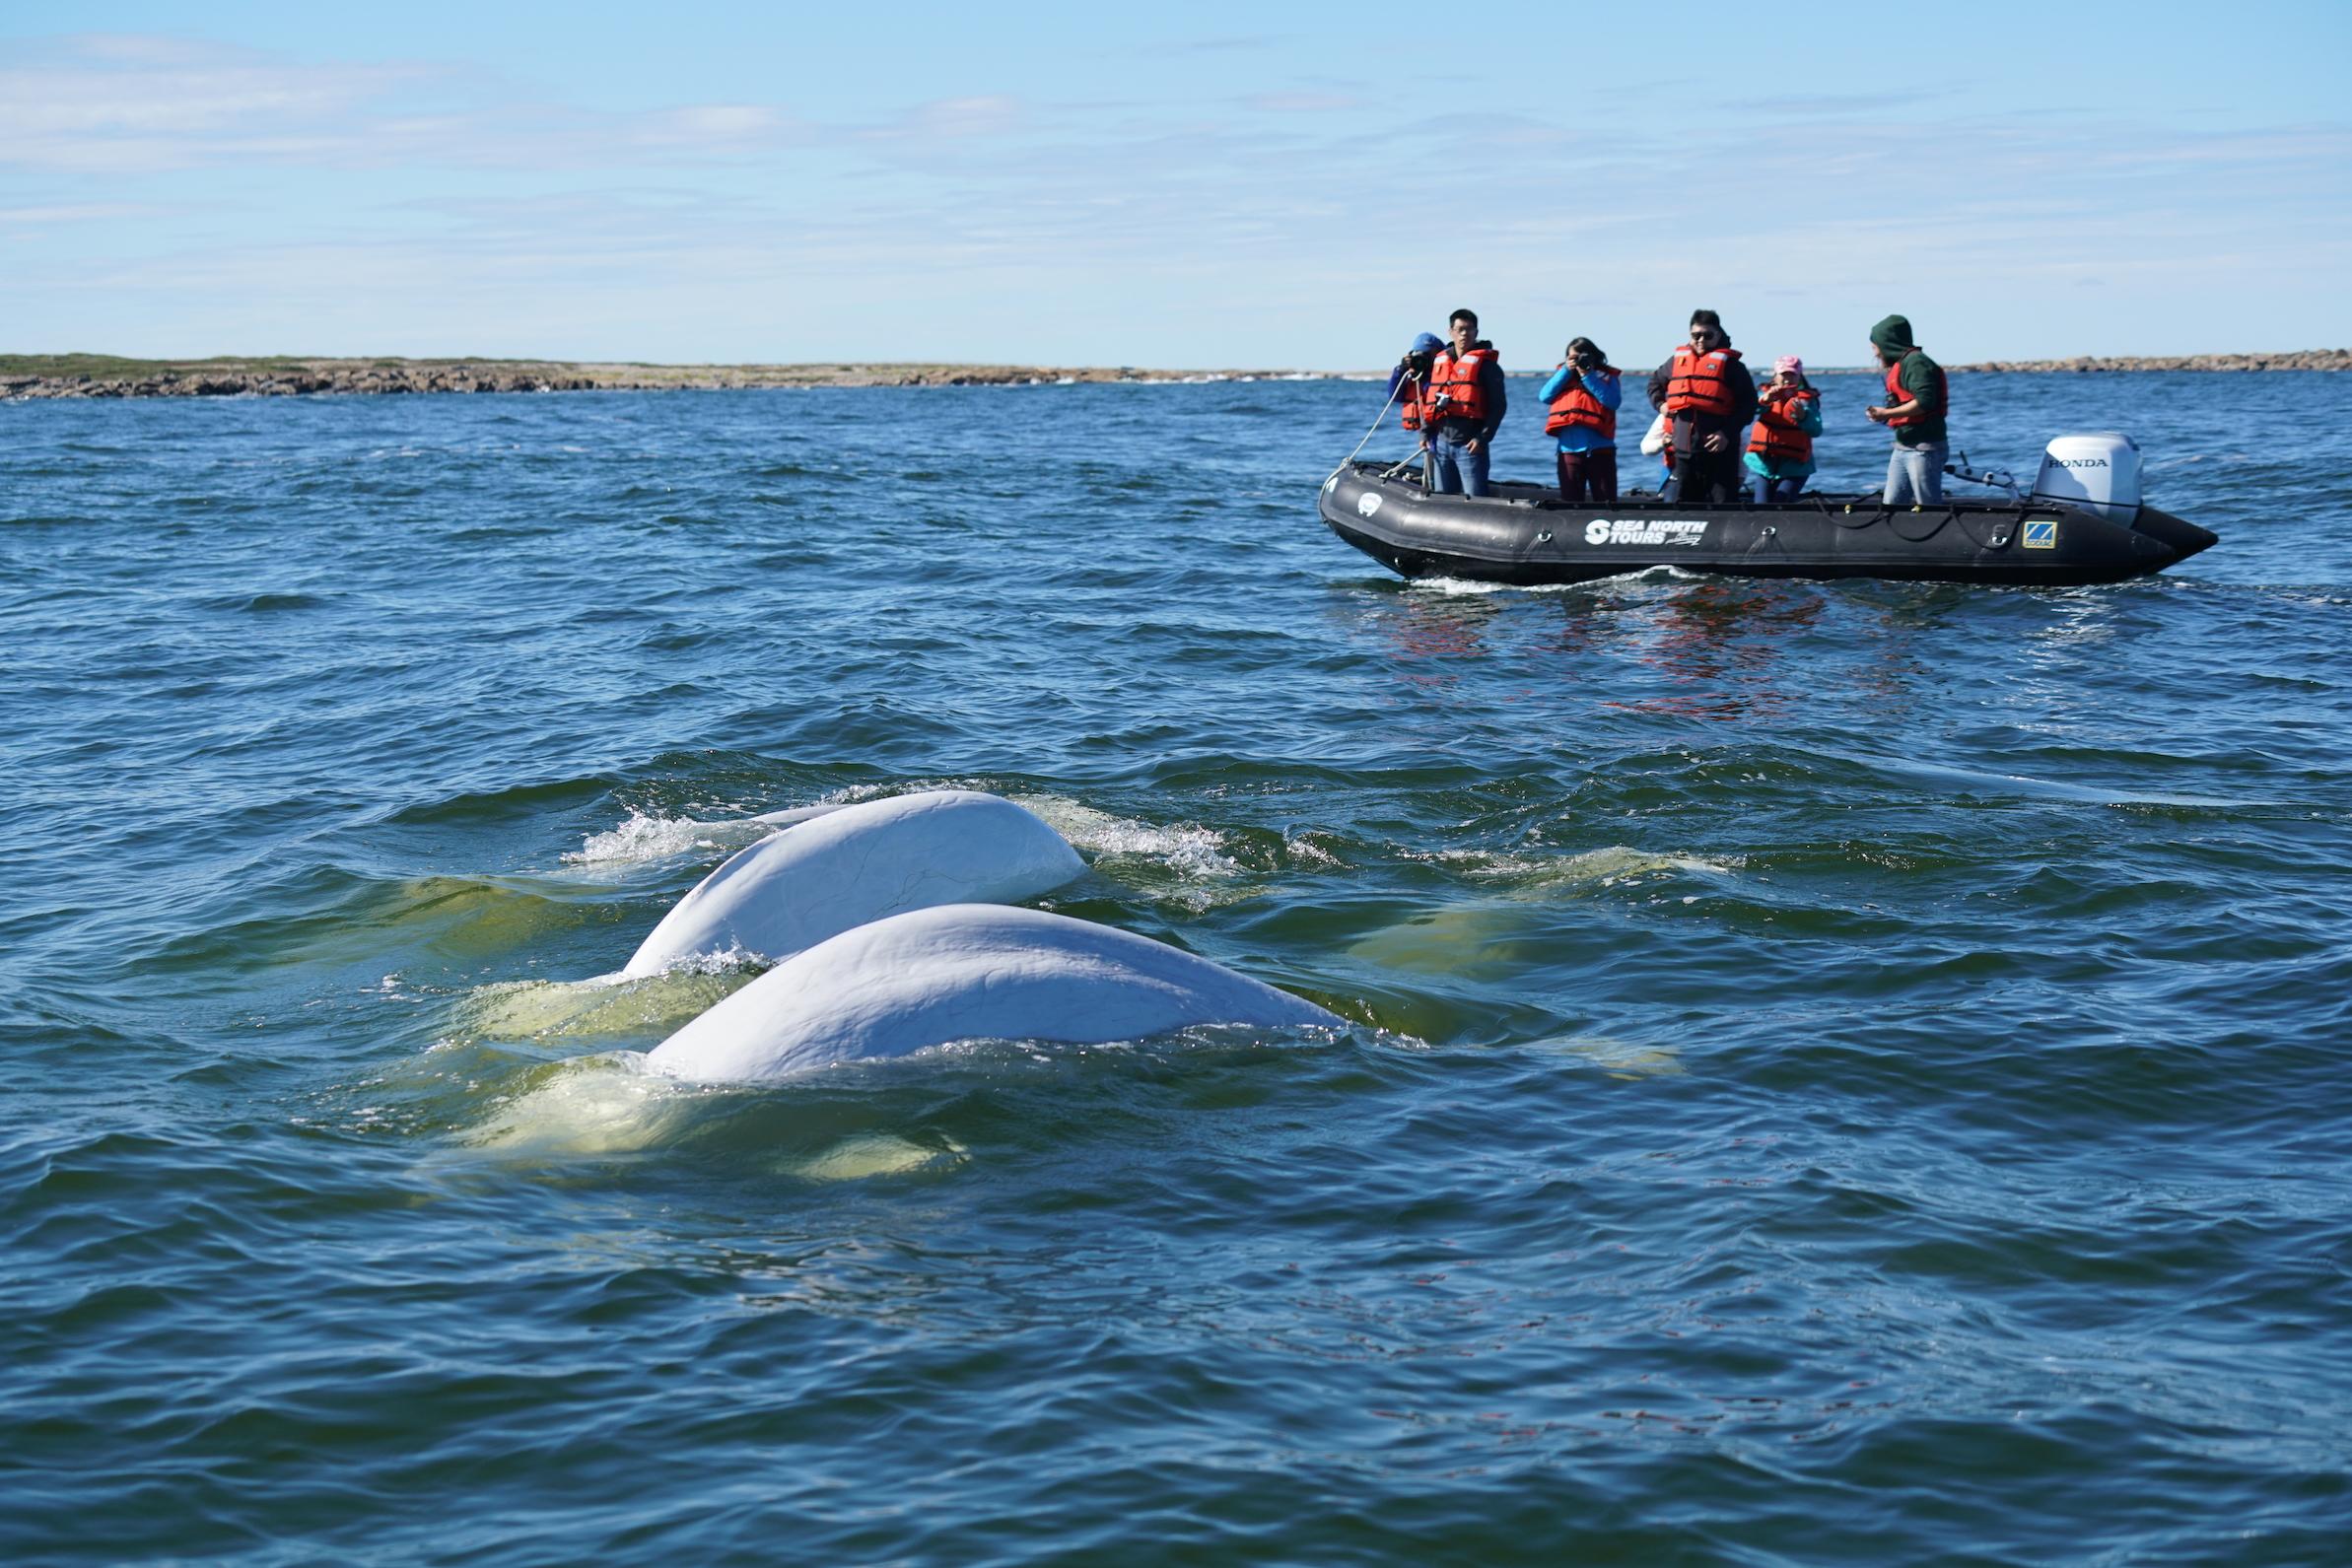 Beluga whales in the Churchill River. Photo Zhang Yongpen.